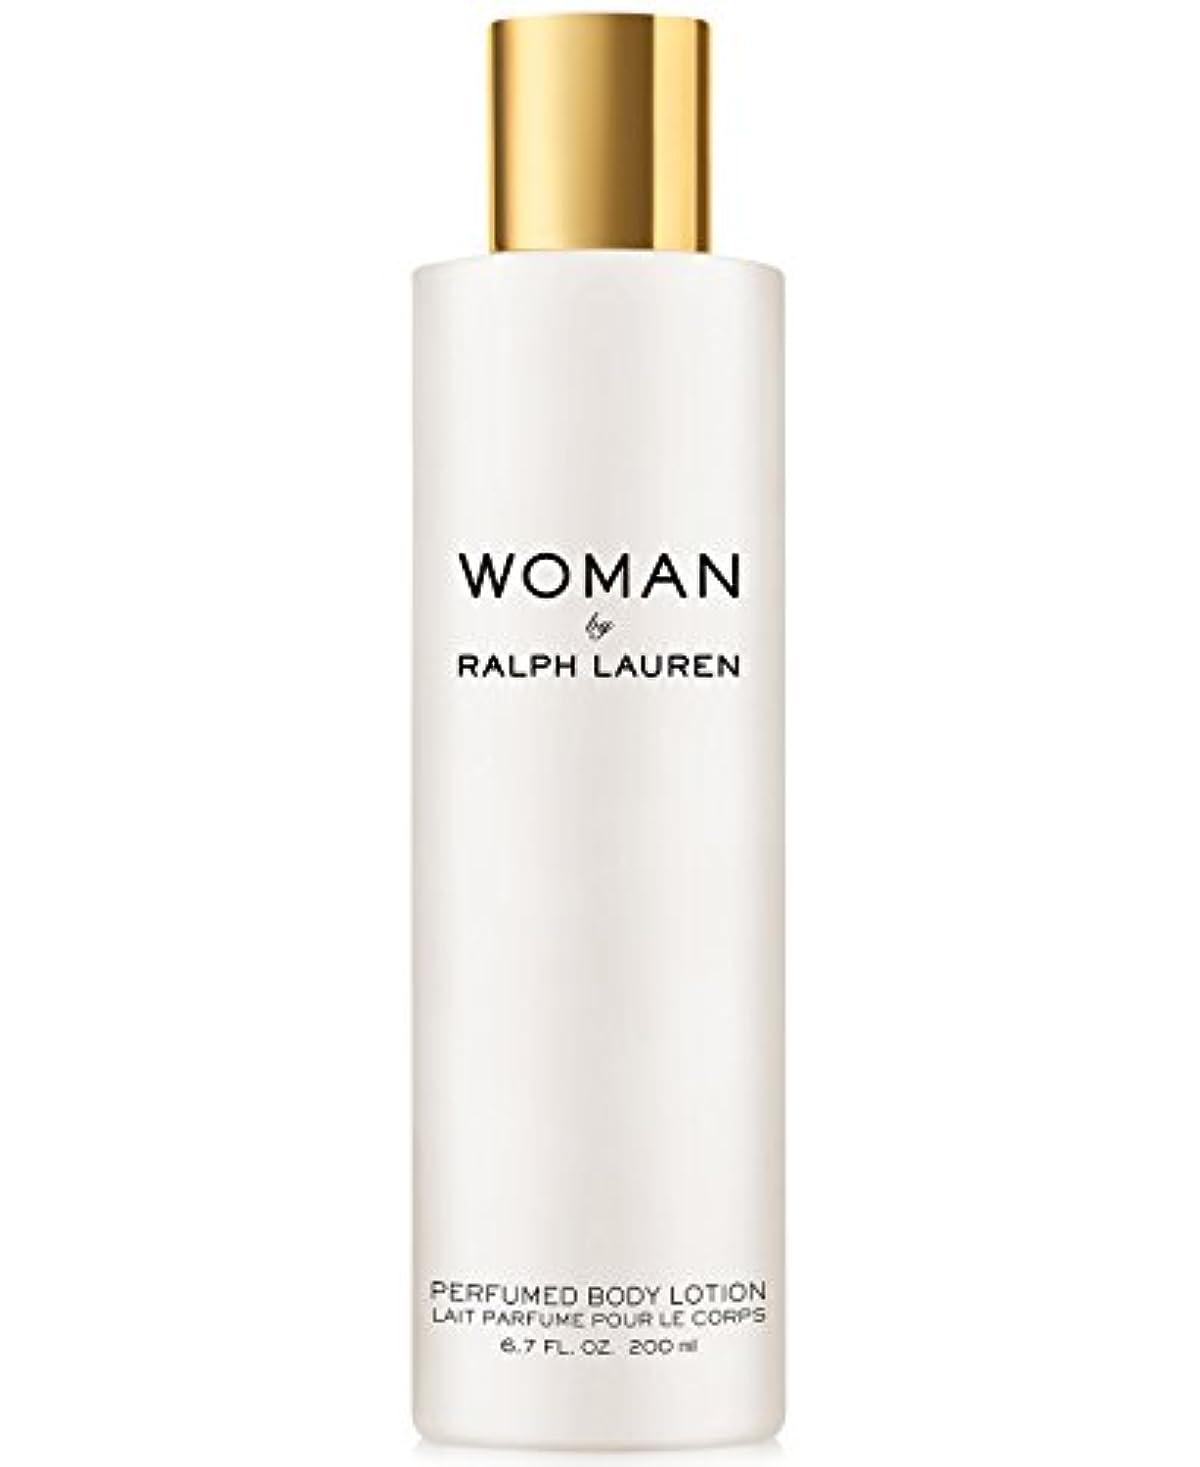 徹底偽善ジュラシックパークWoman (ウーマン) 6.7 oz (200ml) Perfumed Body Lotion(ラルフ ローレン)